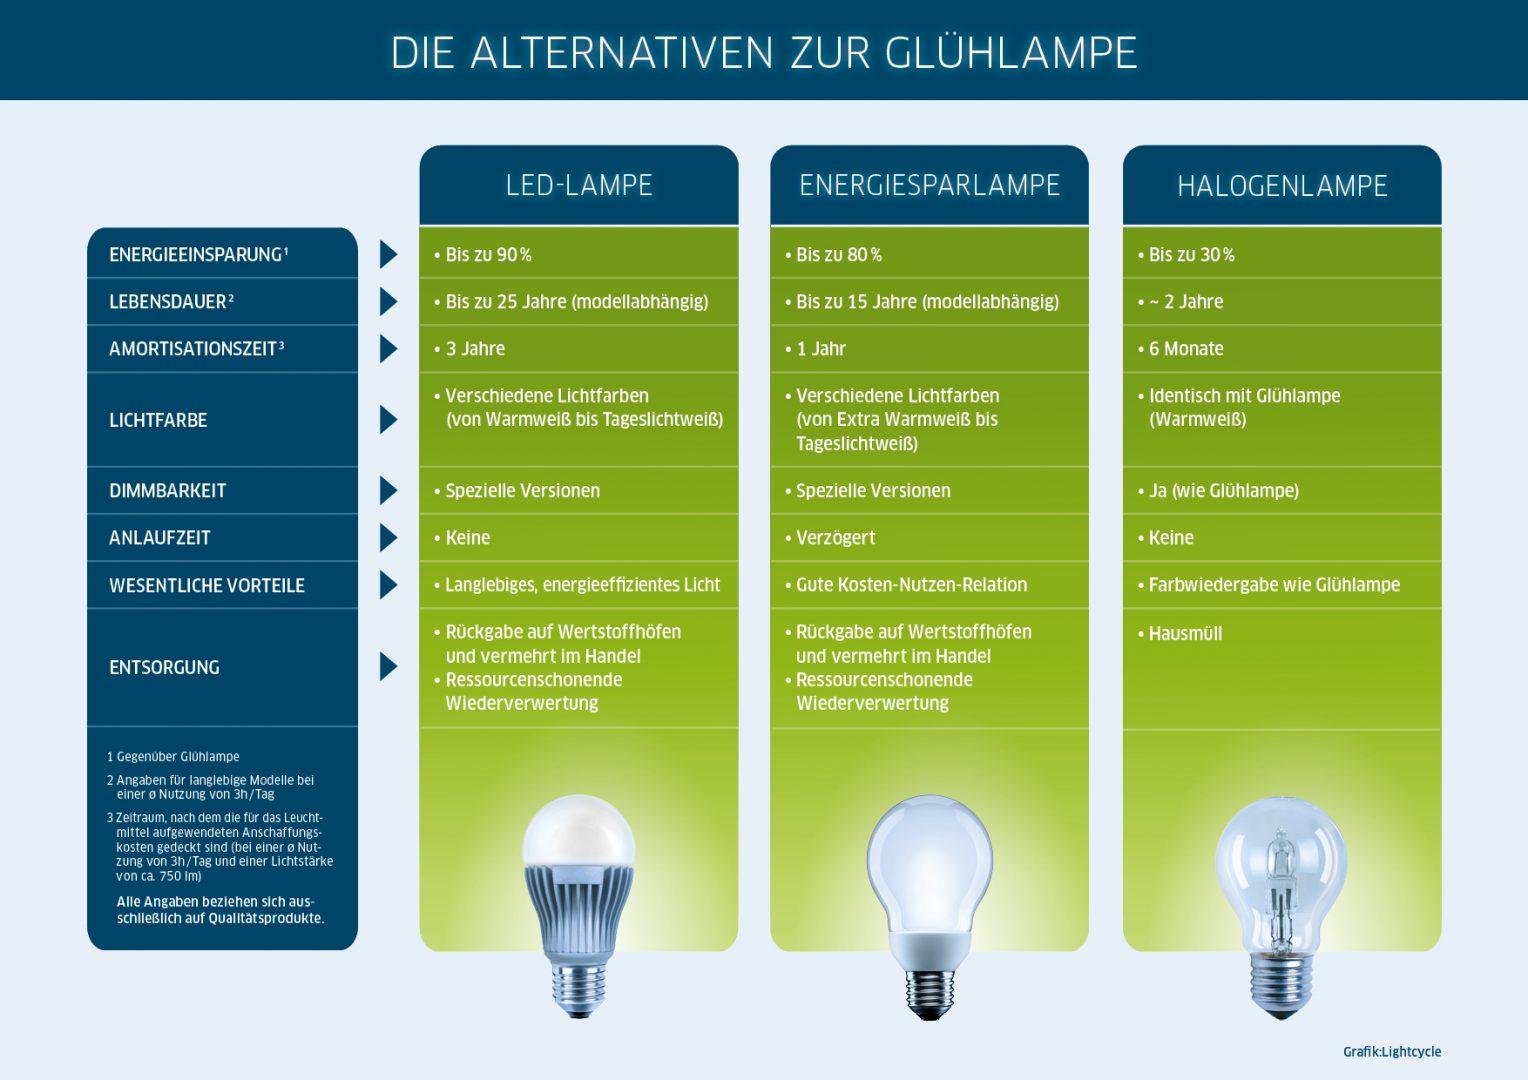 LED-, Energiespar- und Halogenlampen im Vergleich für den Bau einer Designerlampe